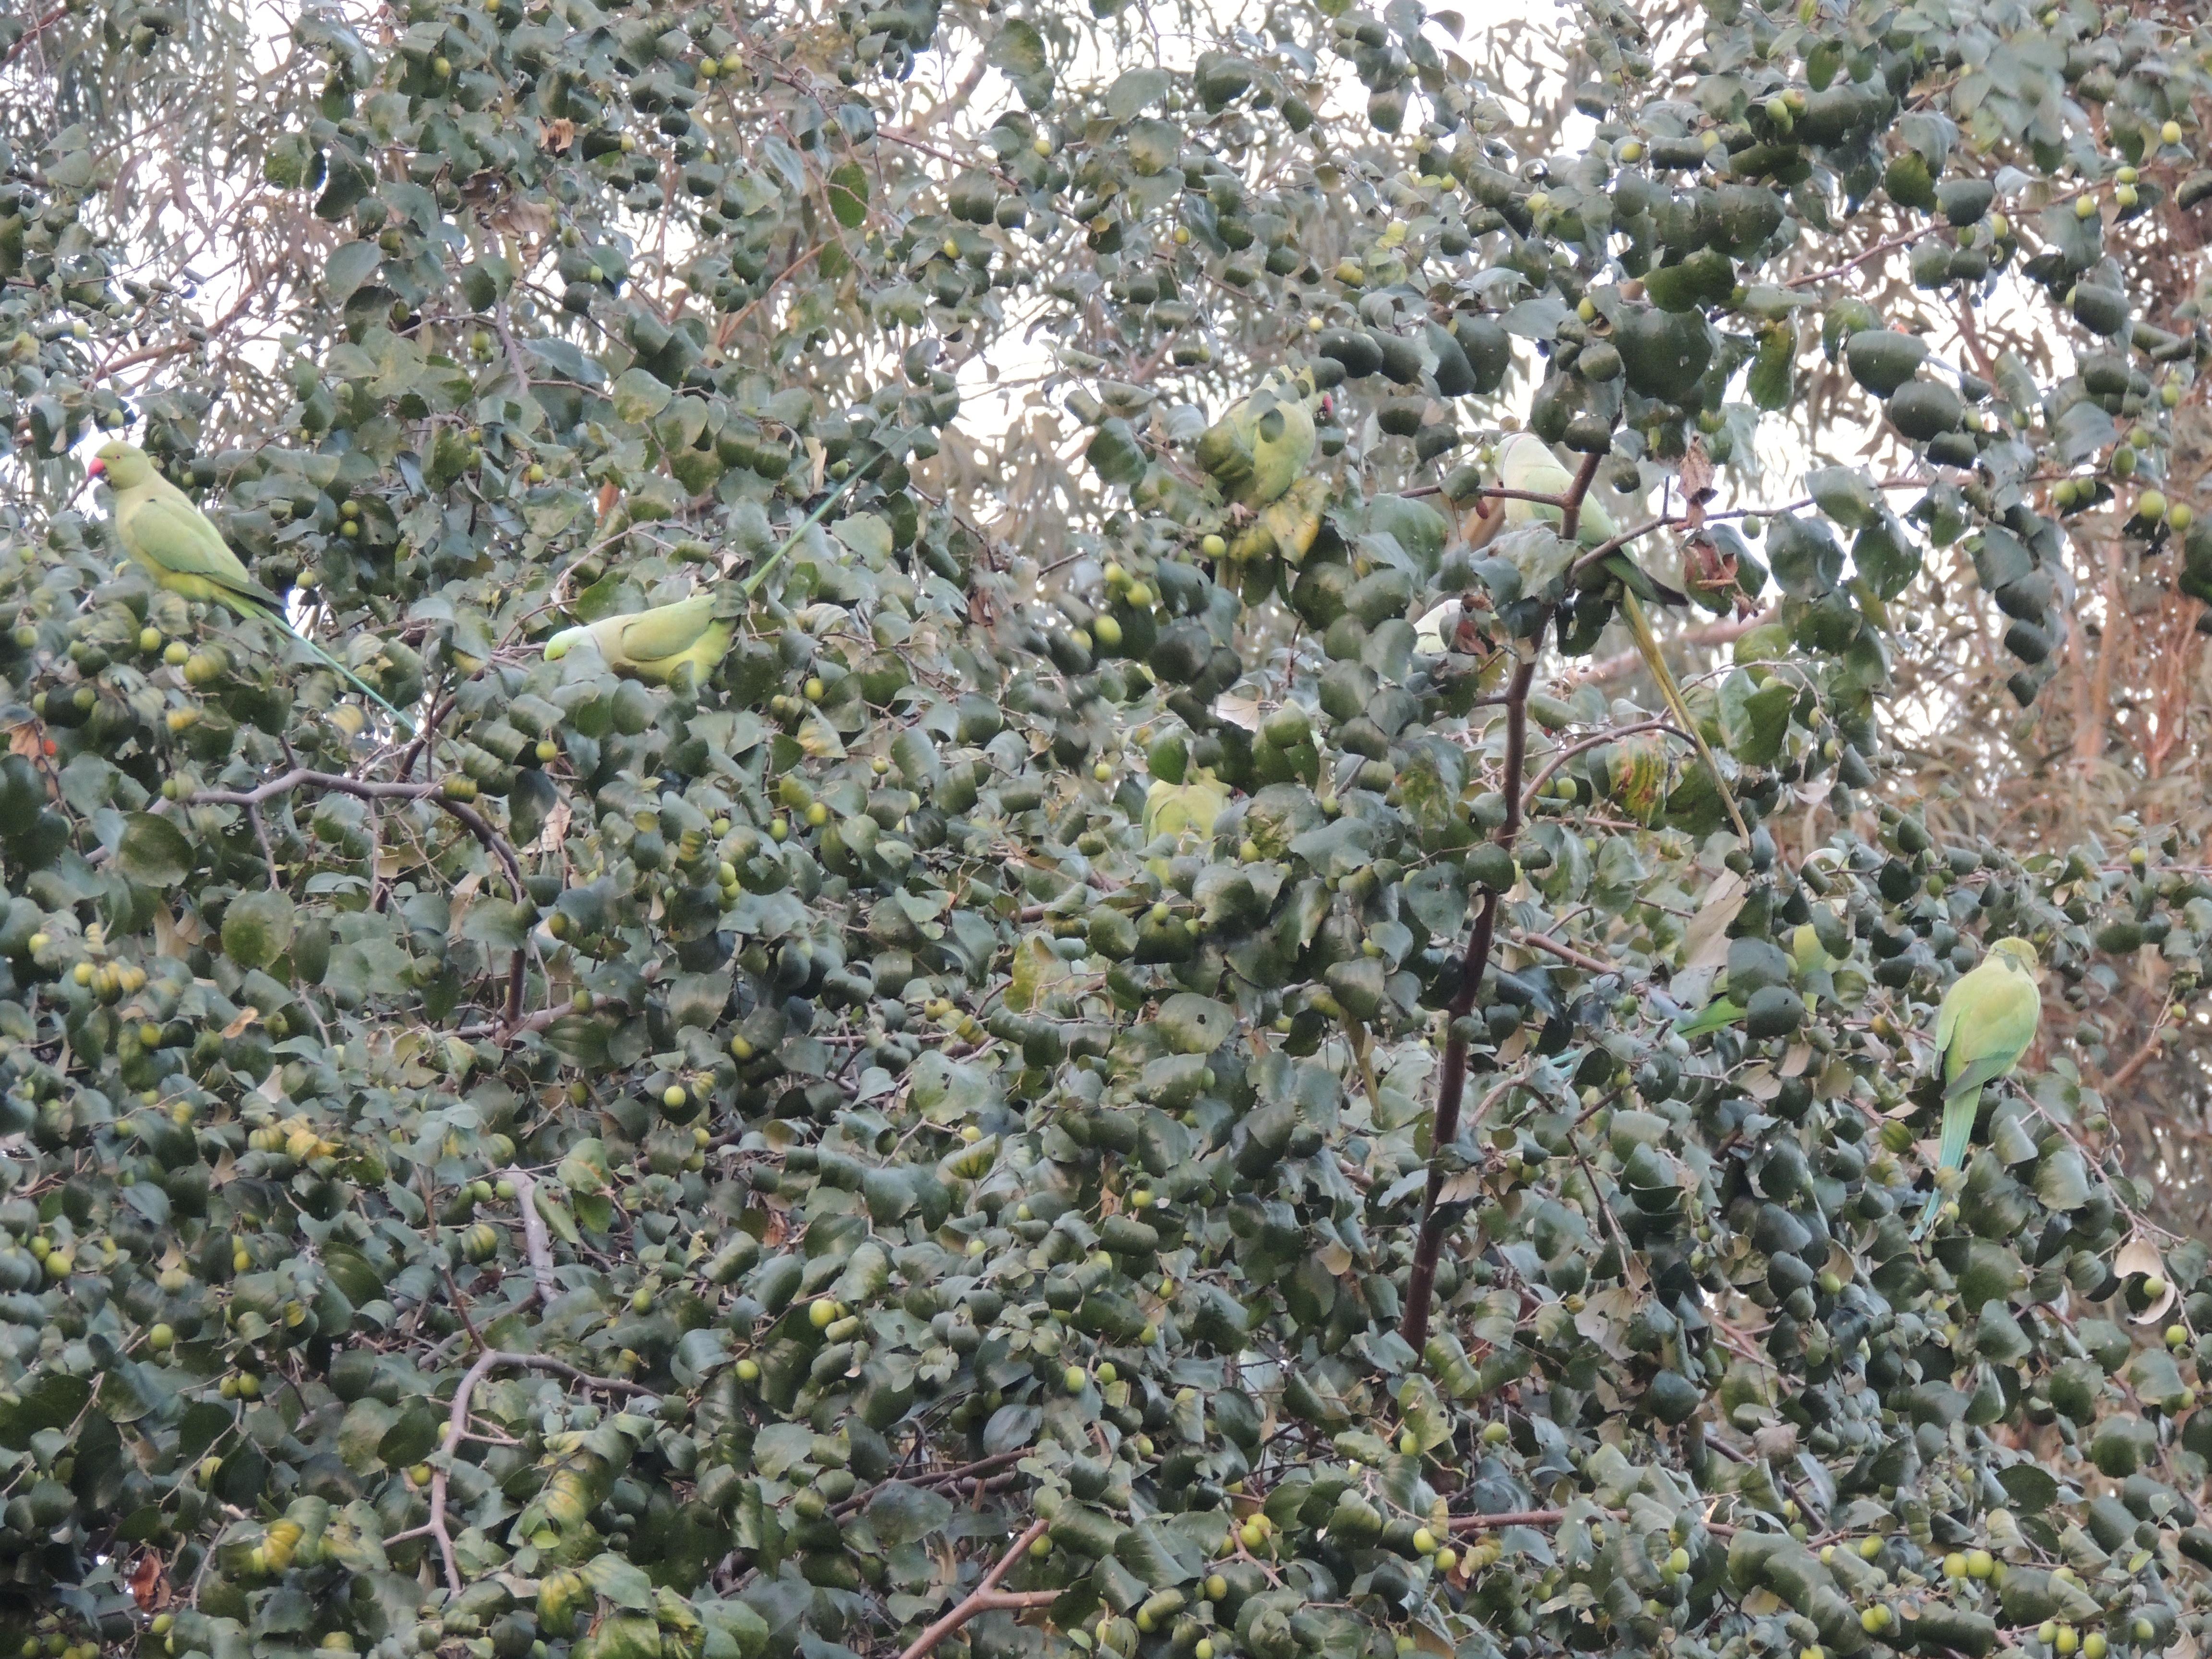 Μεγάλο πουλί γυμνό εικόνες